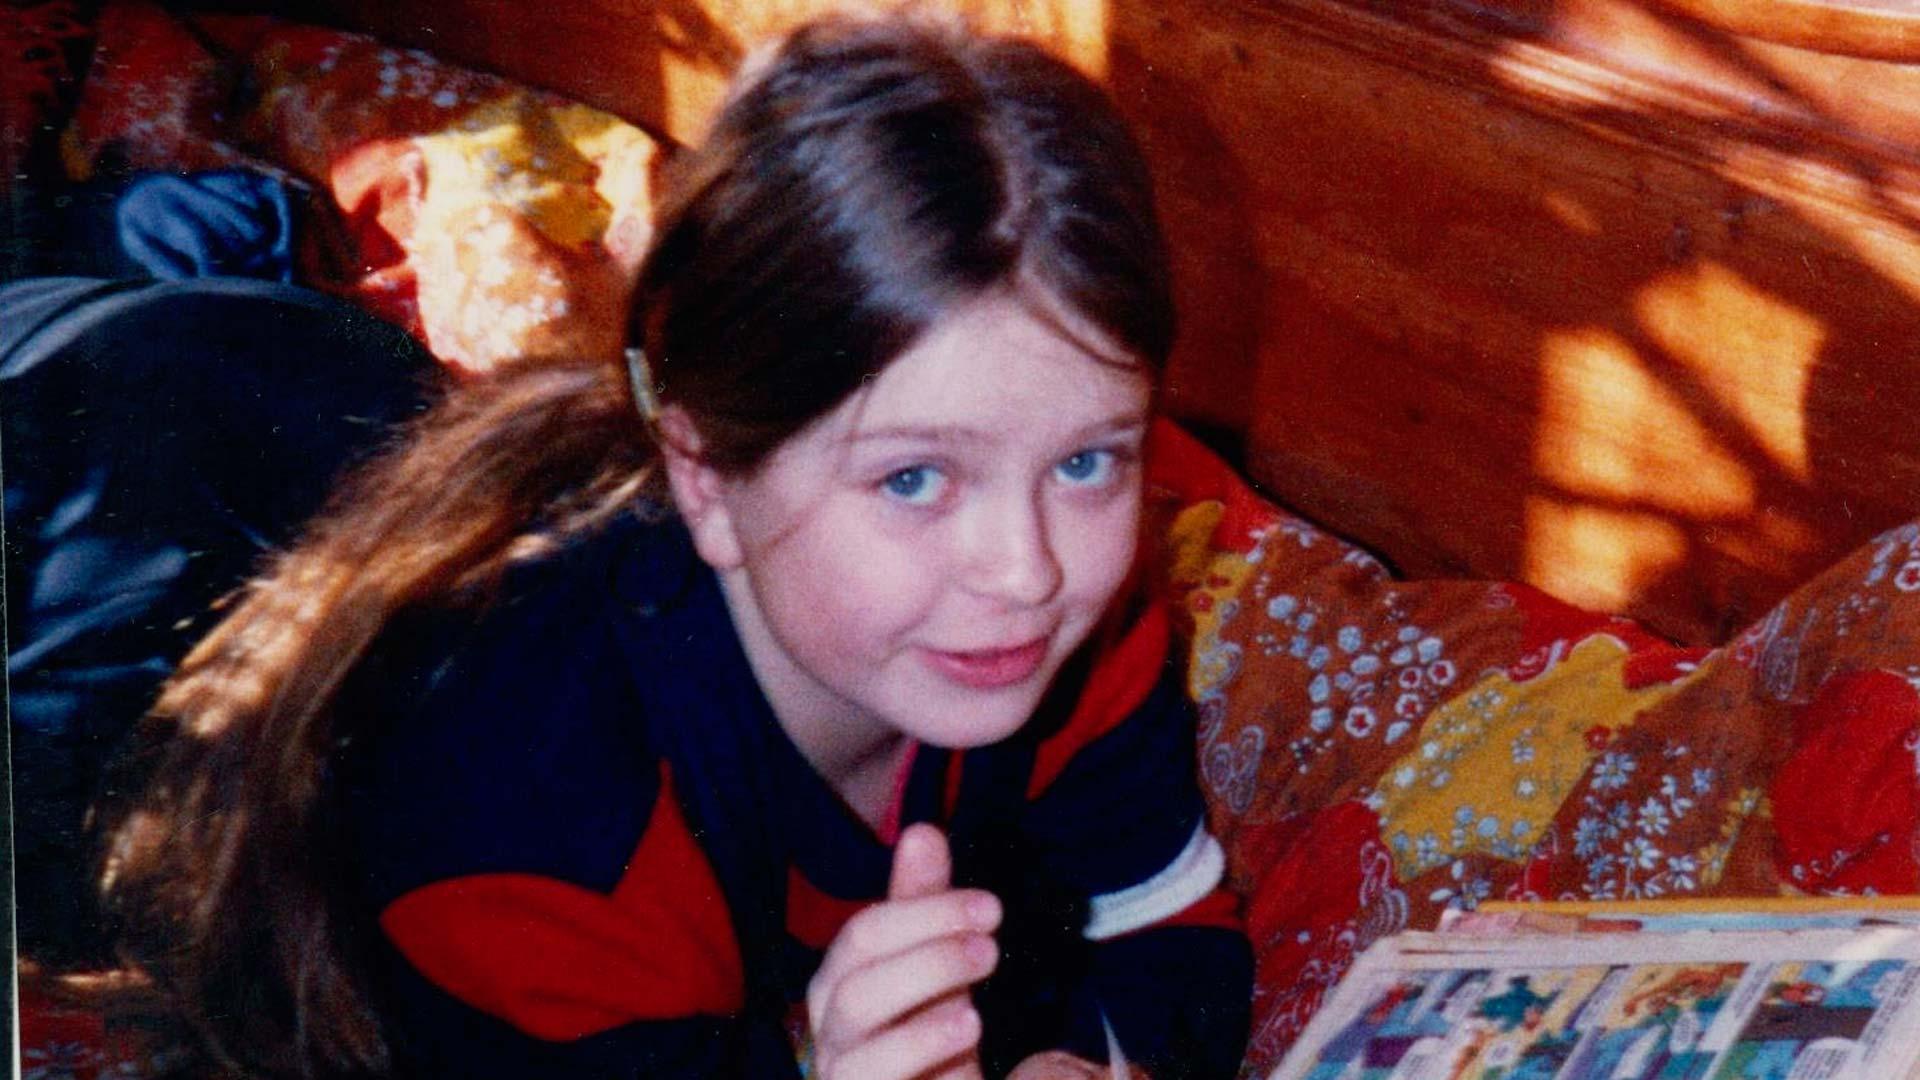 10-vuotiaana luettu ei unohdu koskaan. Aikuisena se vain saa uusia sävyjä.